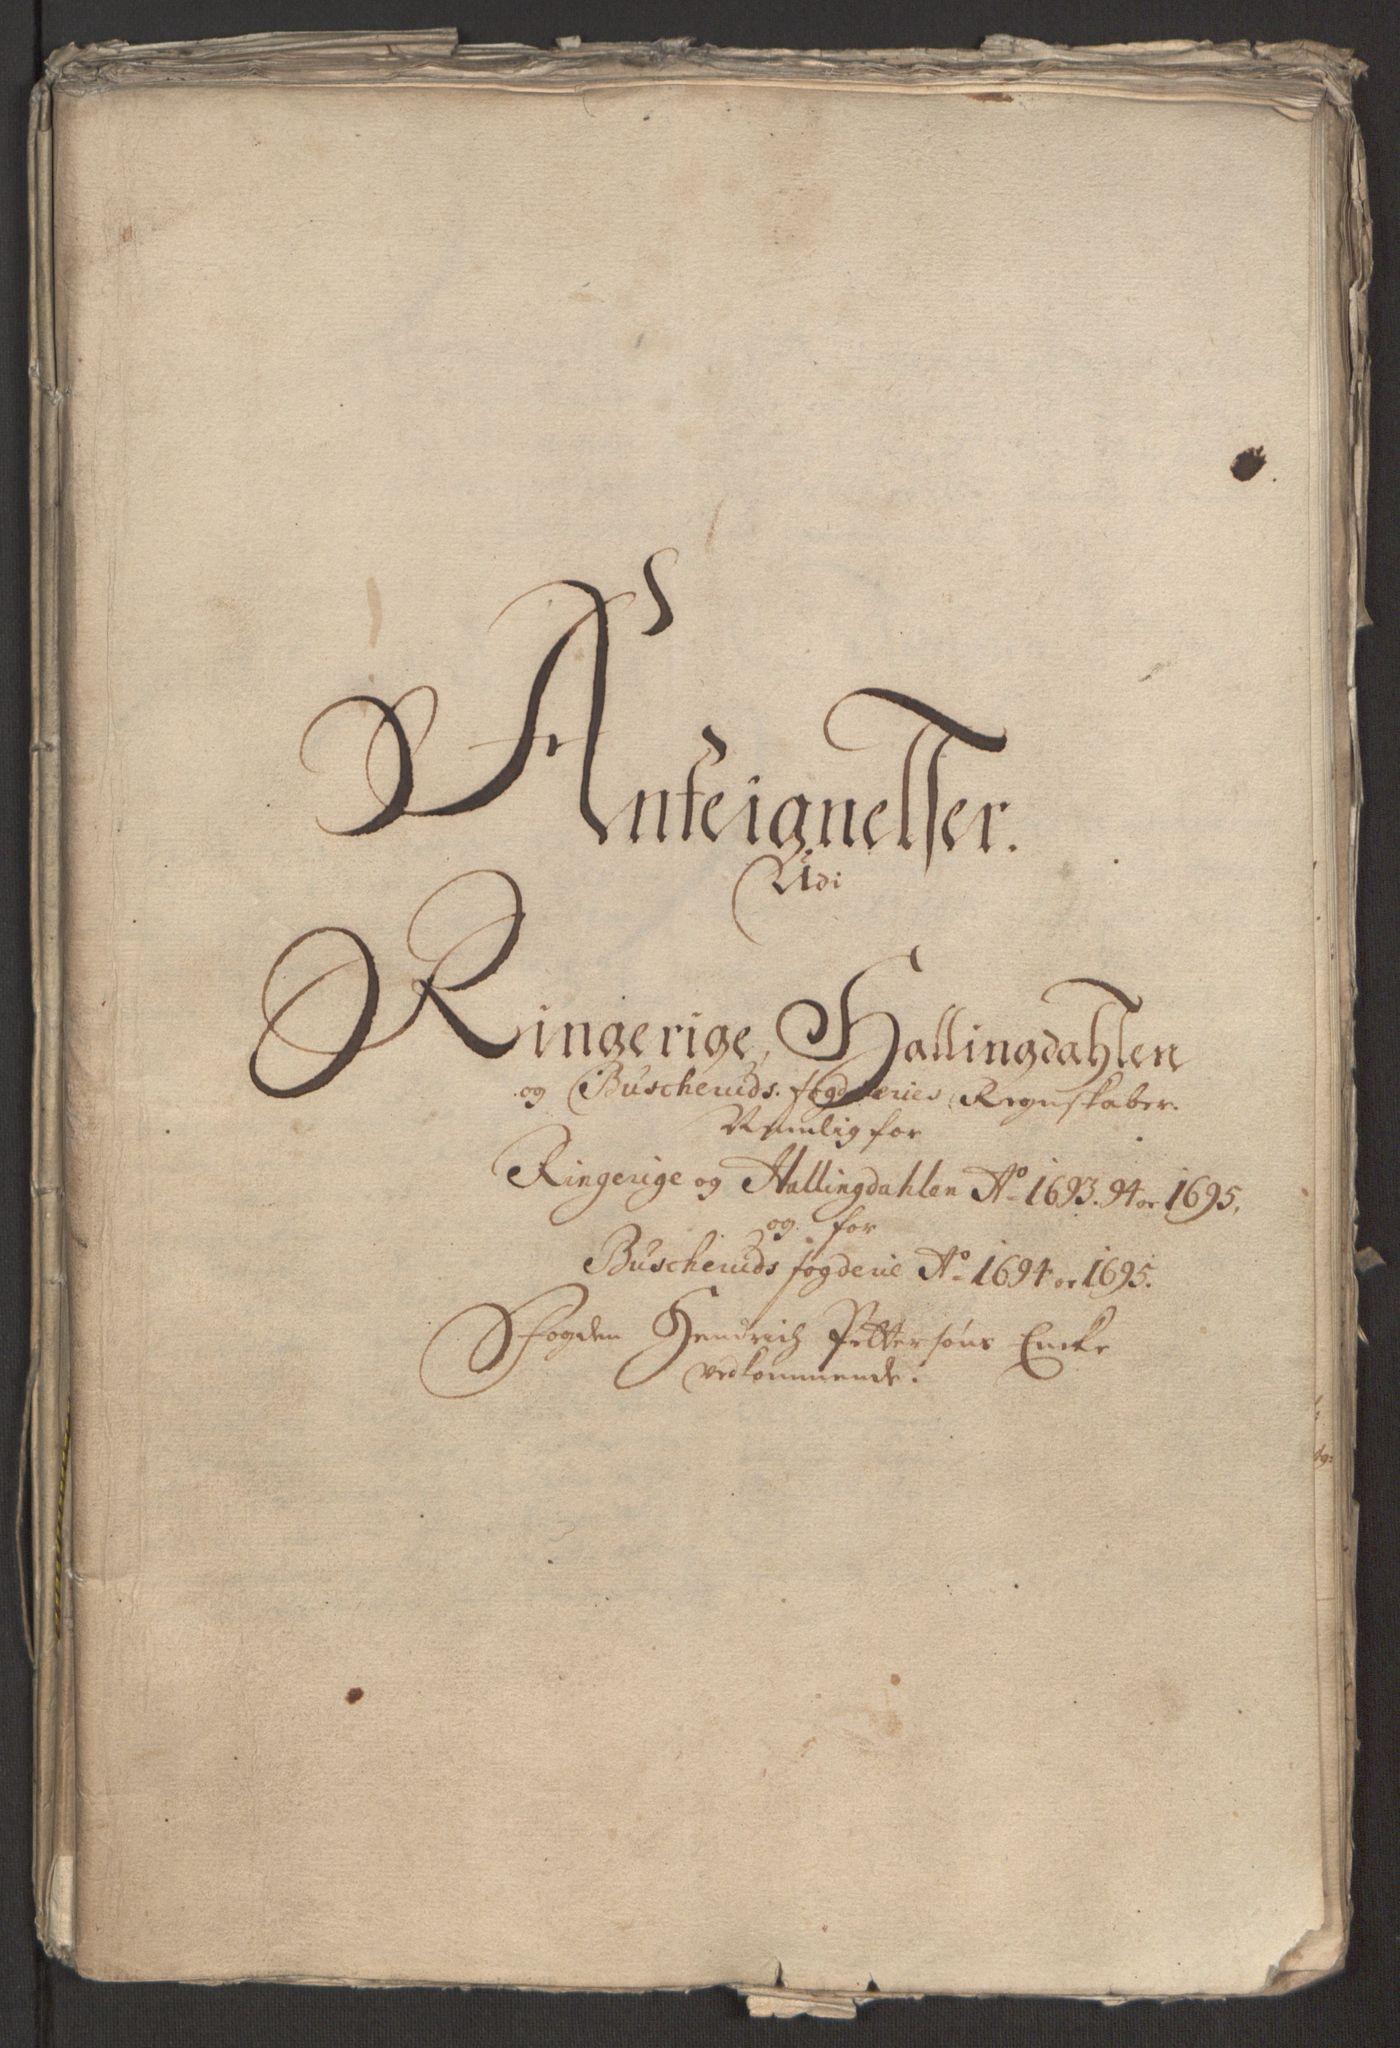 RA, Rentekammeret inntil 1814, Reviderte regnskaper, Fogderegnskap, R22/L1452: Fogderegnskap Ringerike, Hallingdal og Buskerud, 1695, s. 344